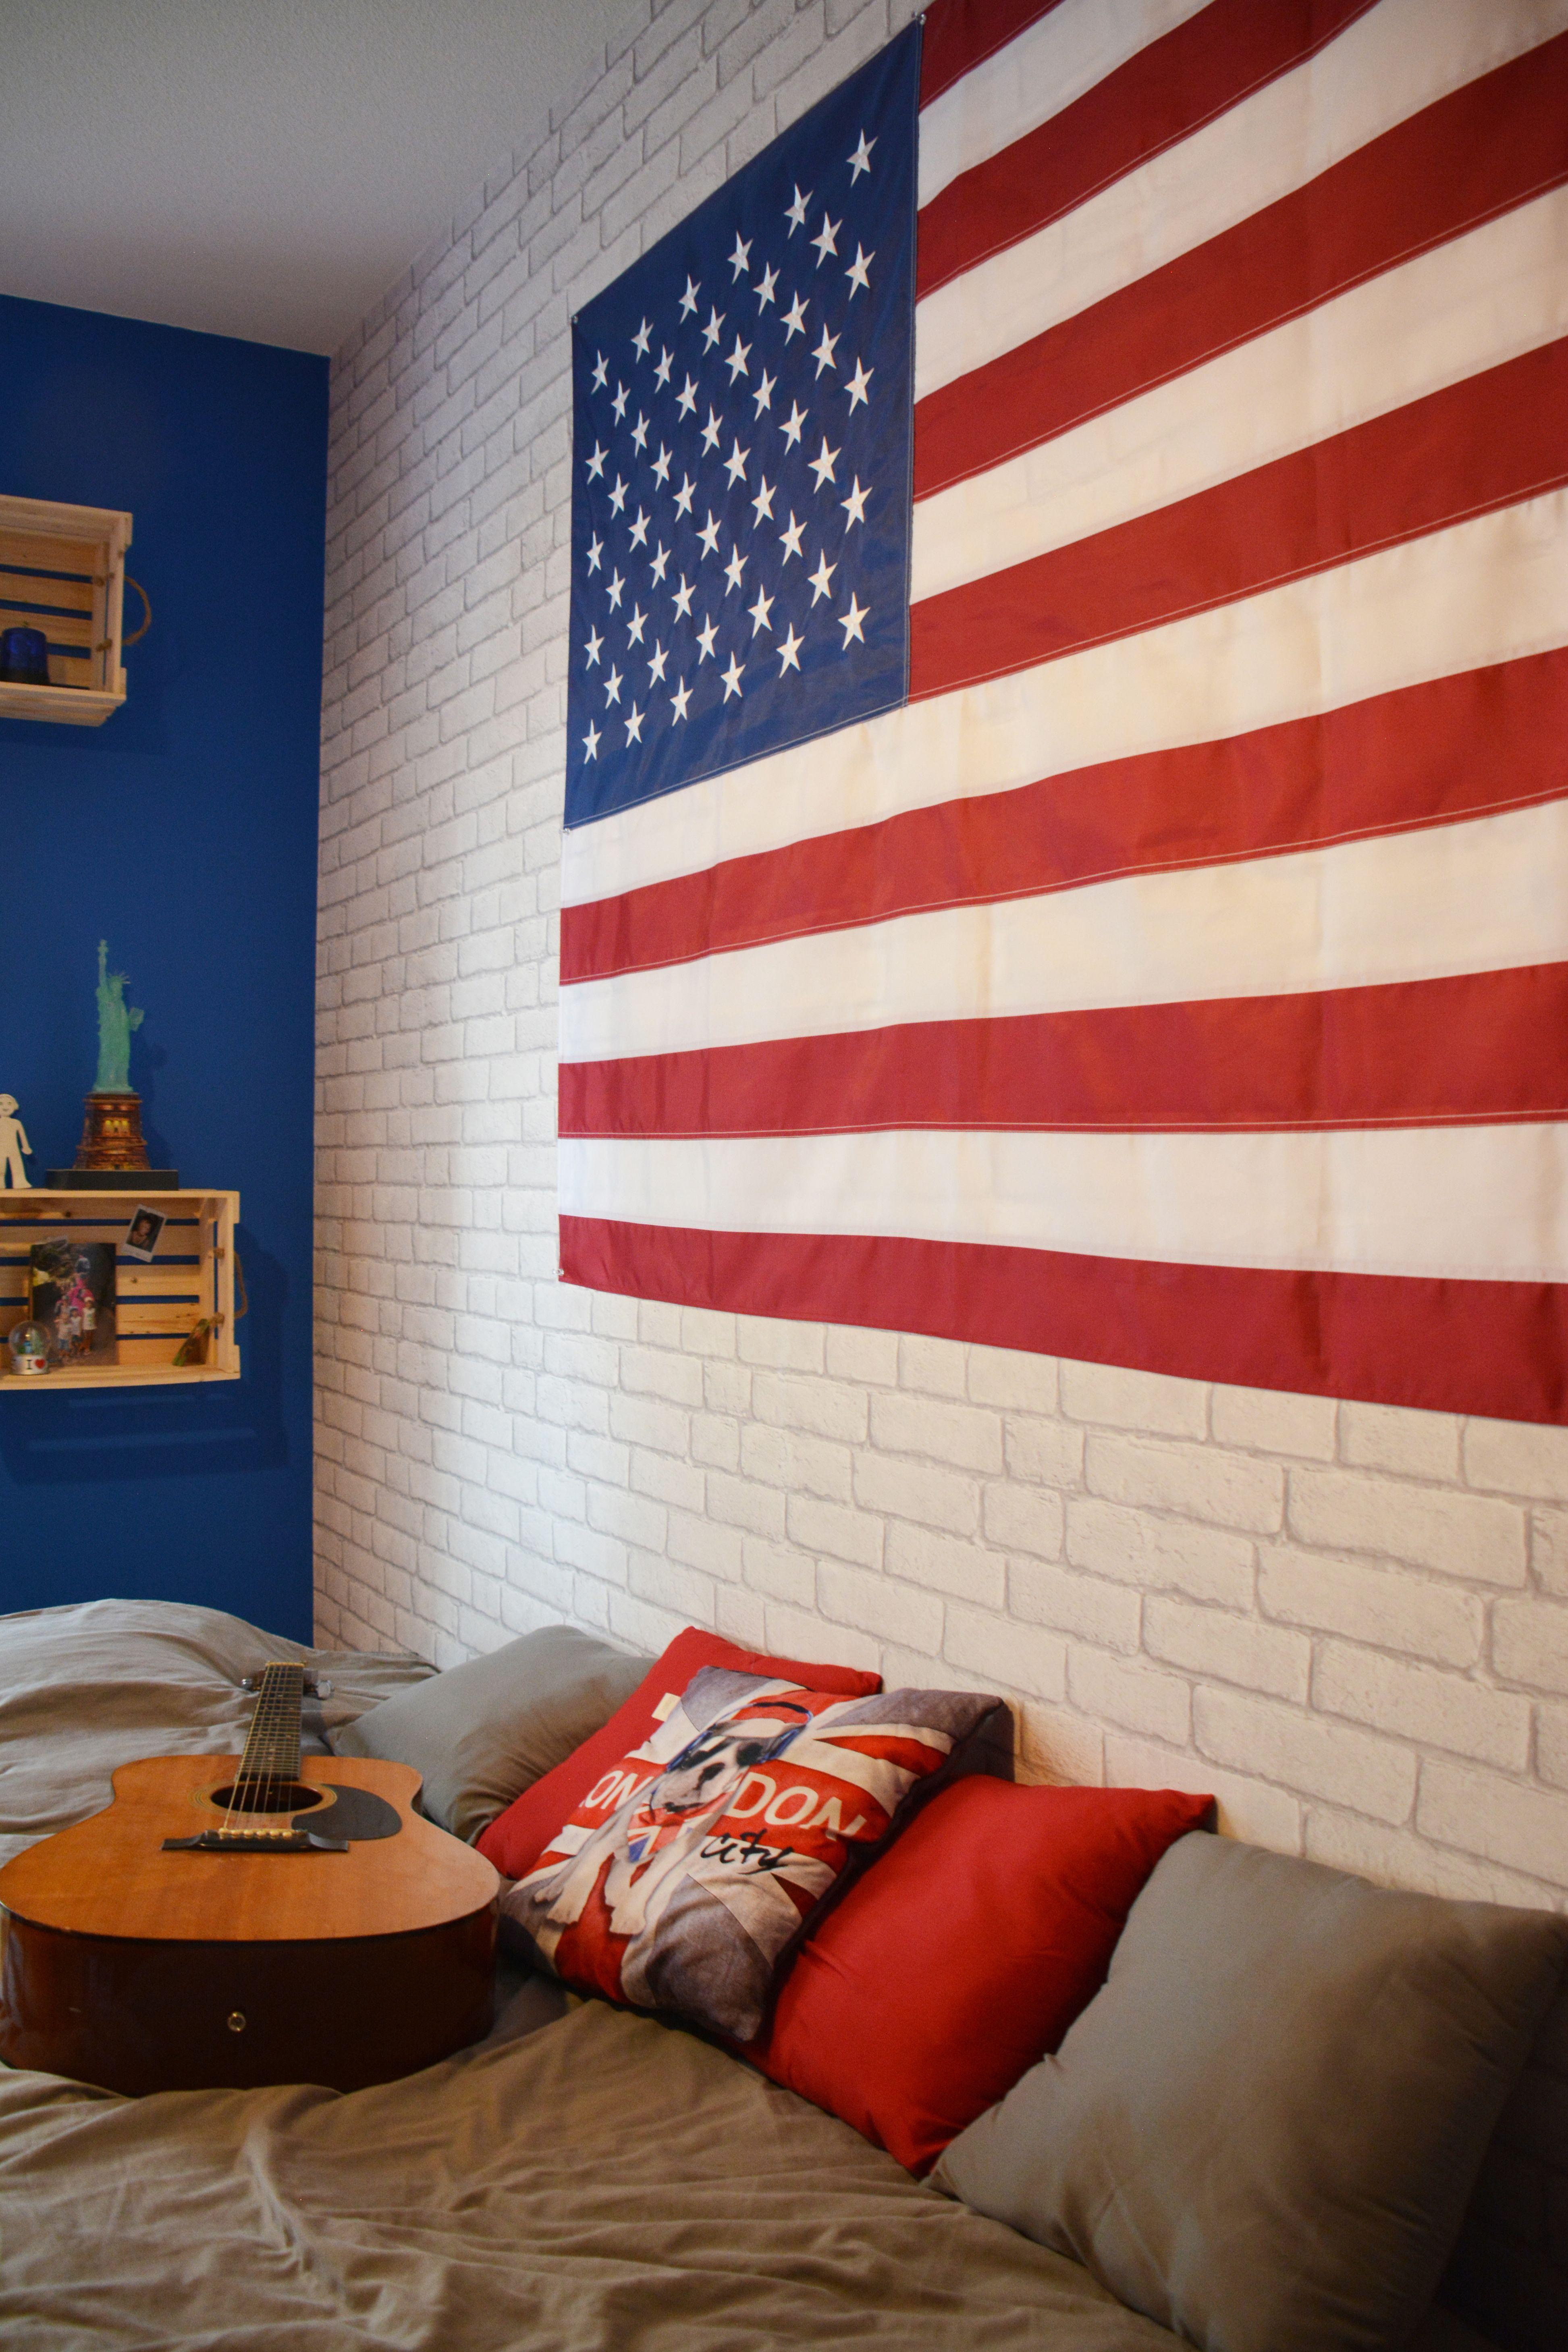 Chambre pour enfant ado sur le thème des USA avec un grand drapeau